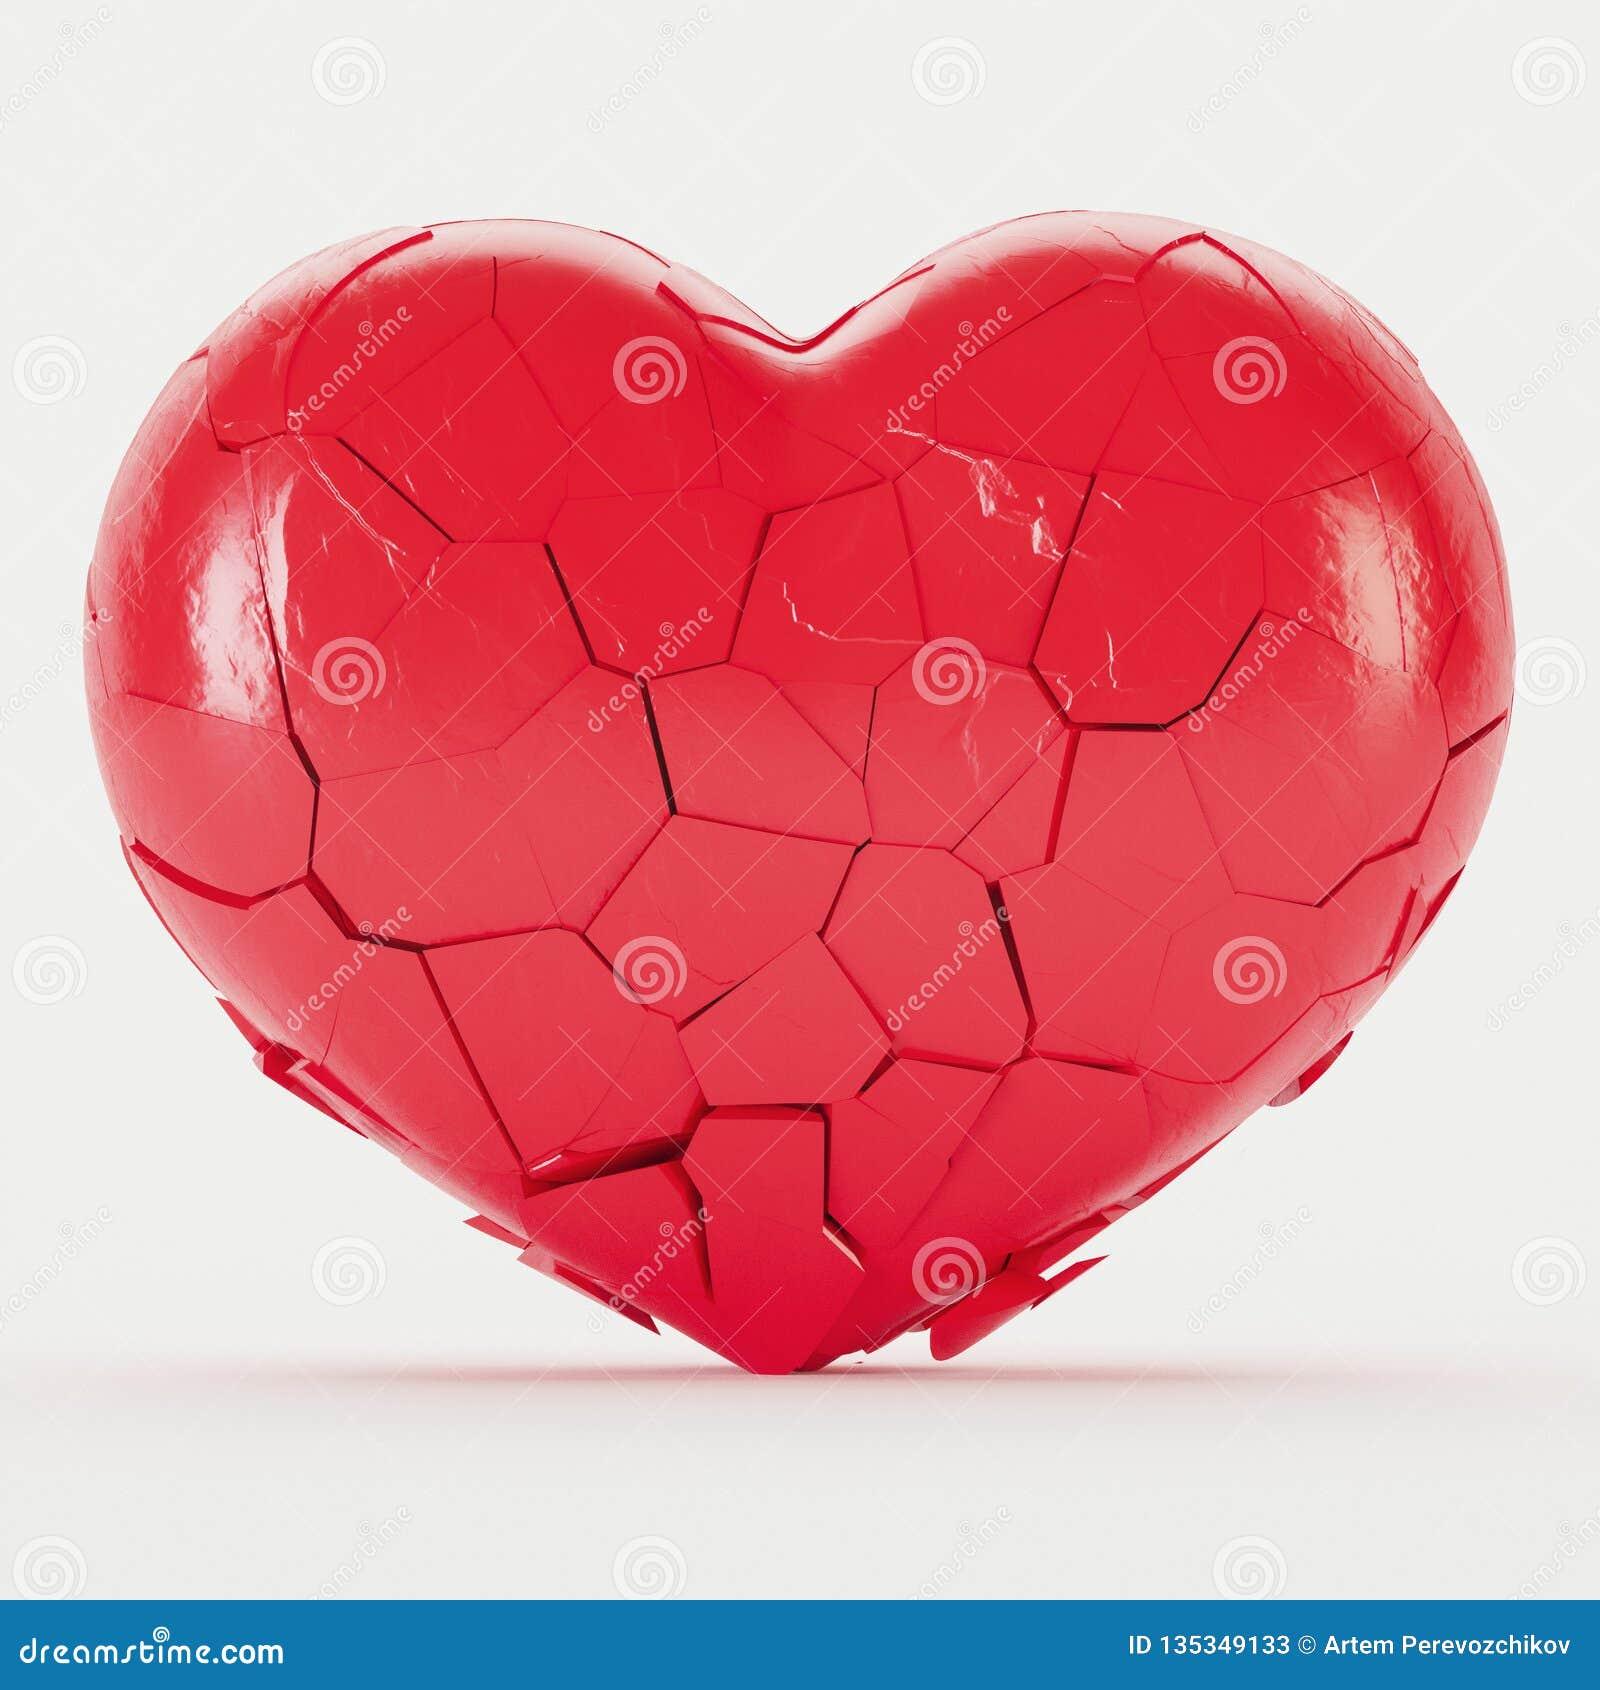 Broken Black Heart On A White Background. Stock ...